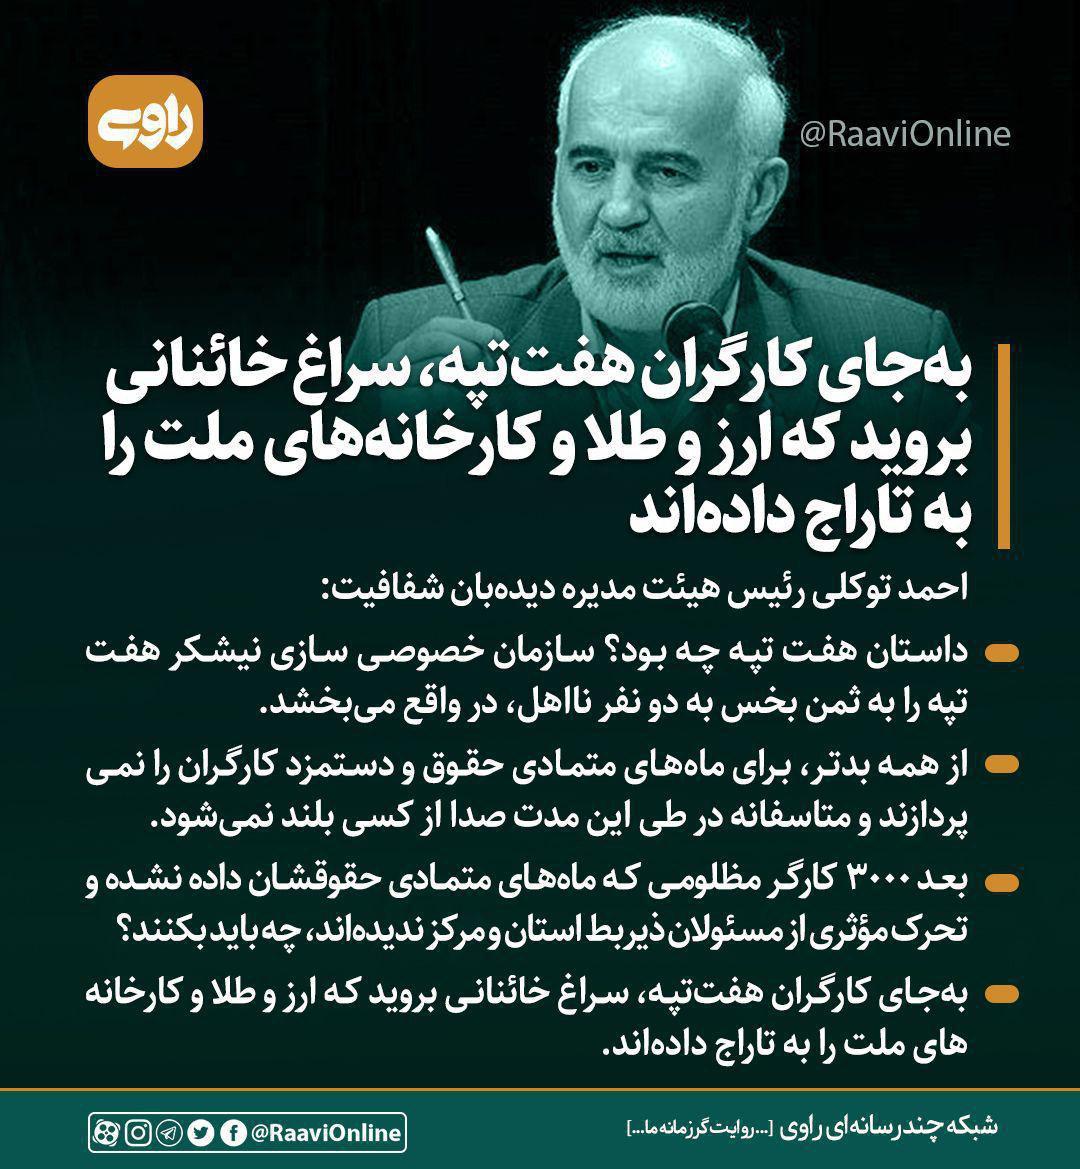 احمد توکلی: بهجای کارگران هفتتپه، سراغ خائنانی بروید که ارز و طلا و کارخانههای ملت را به تاراج دادهاند